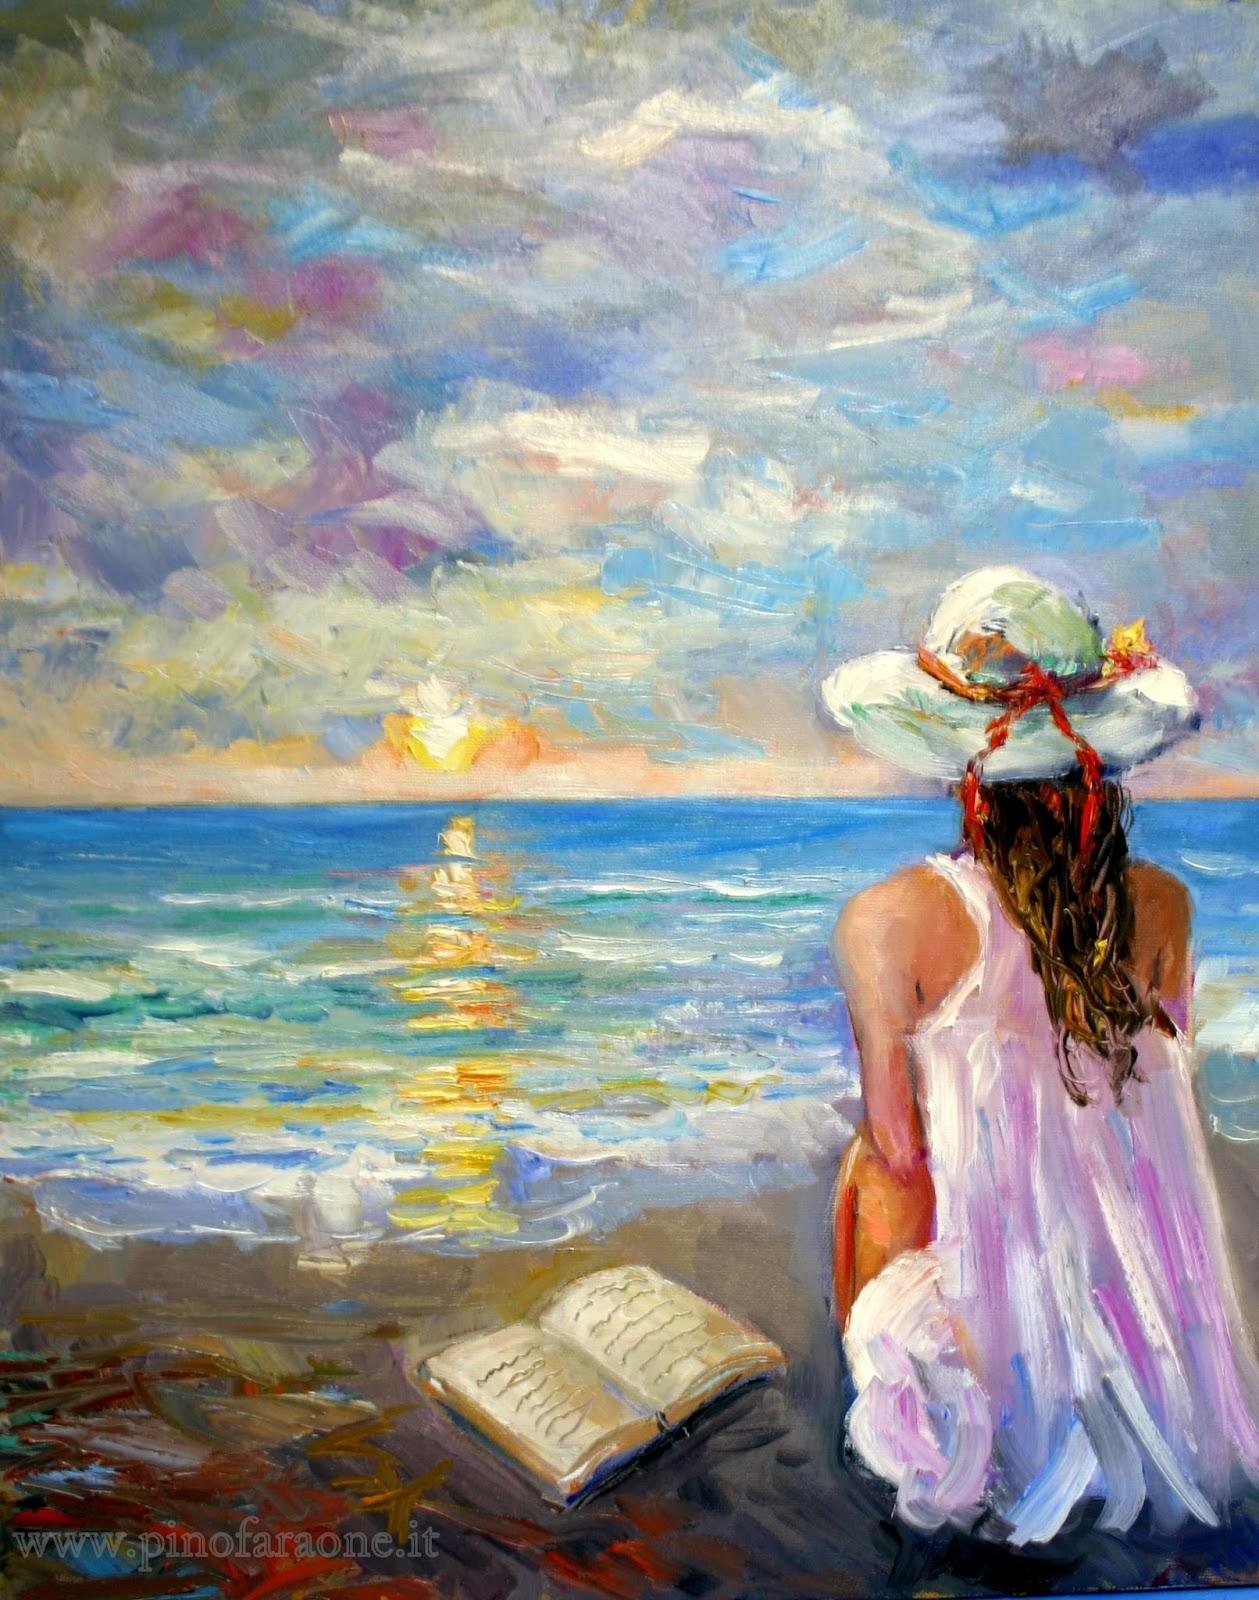 Top Impressionismo contemporaneo: pensieri del mare NL86